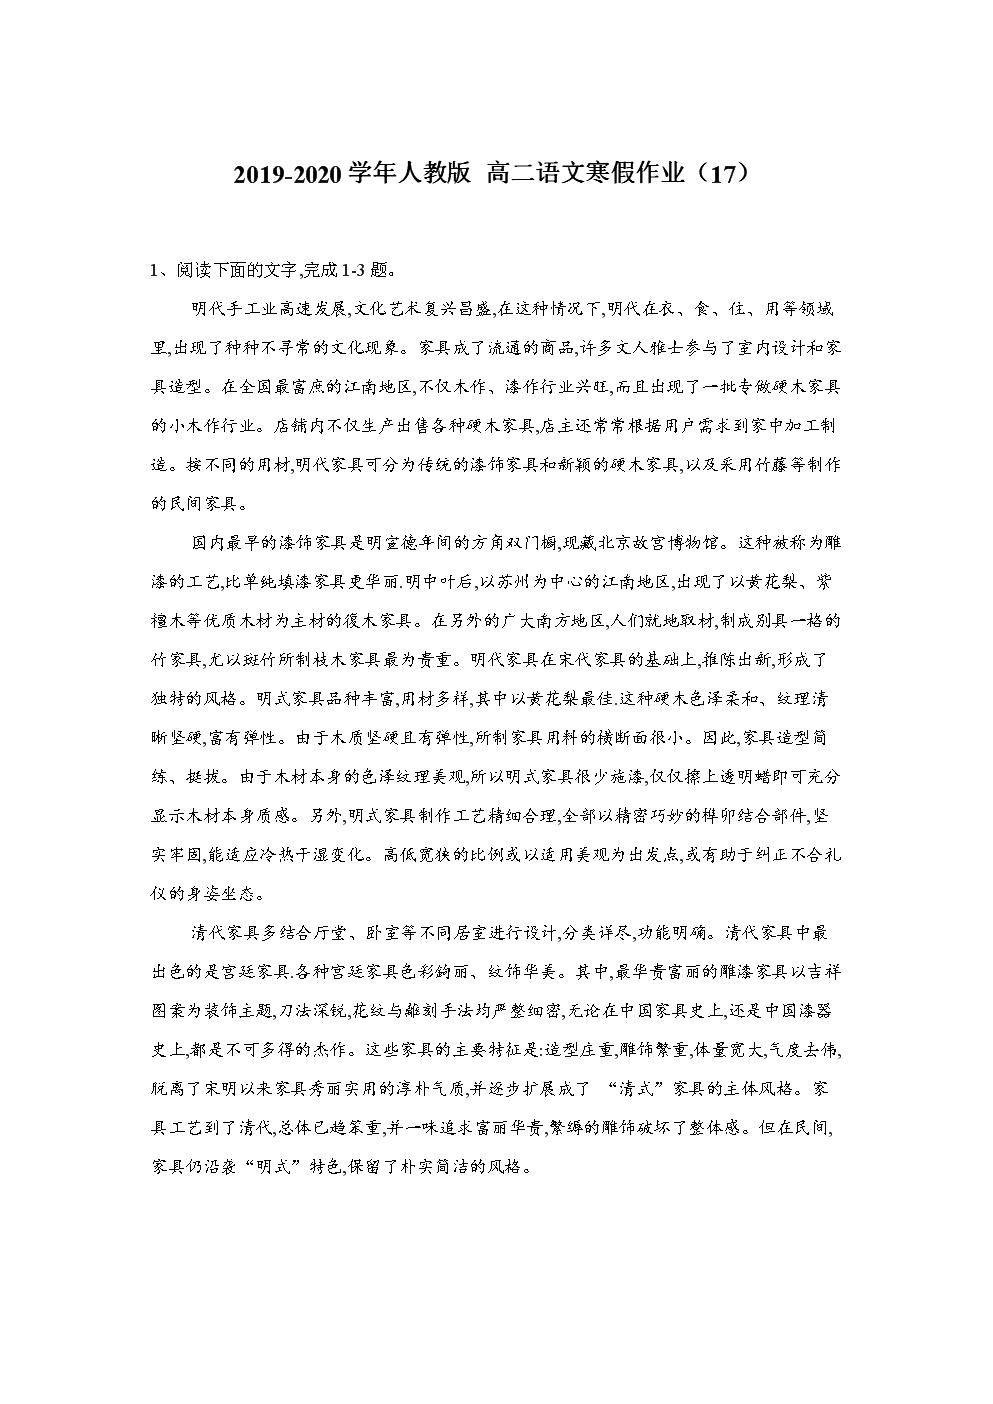 2019-2020学年人教版 高二语文寒假作业(17) Word版含答案.doc